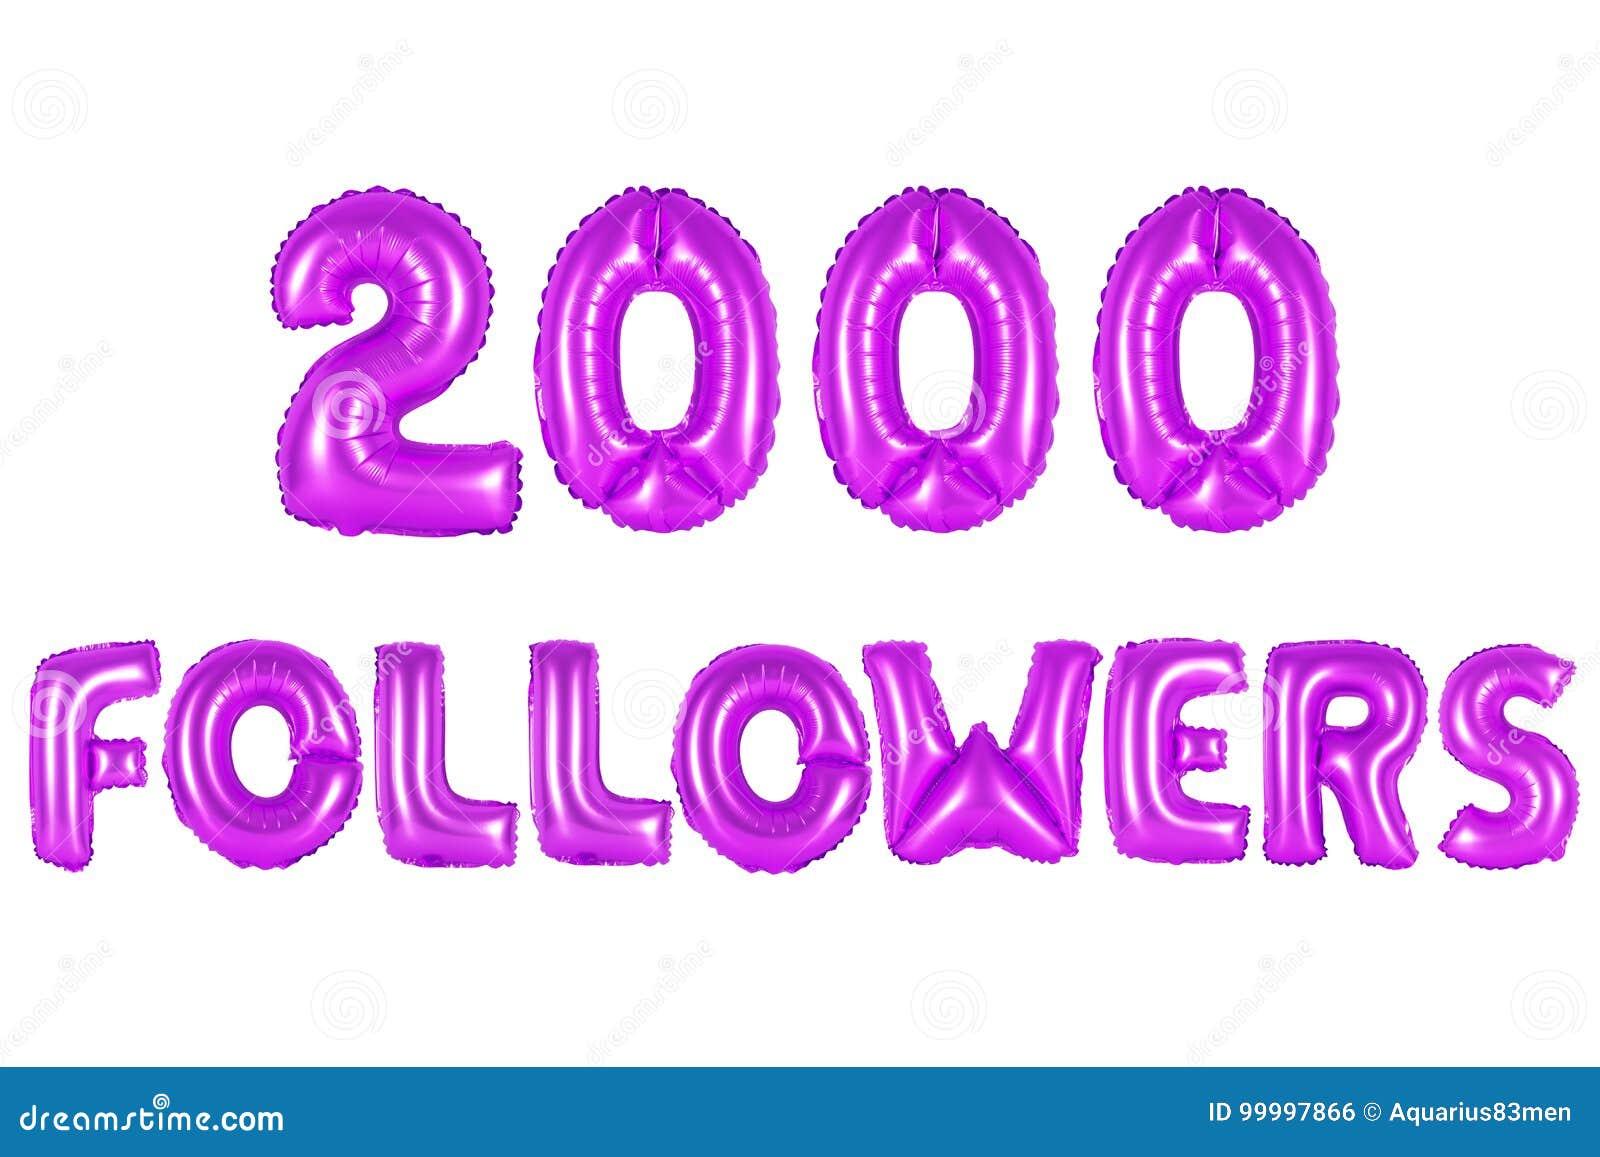 Dois mil seguidores, cor roxa